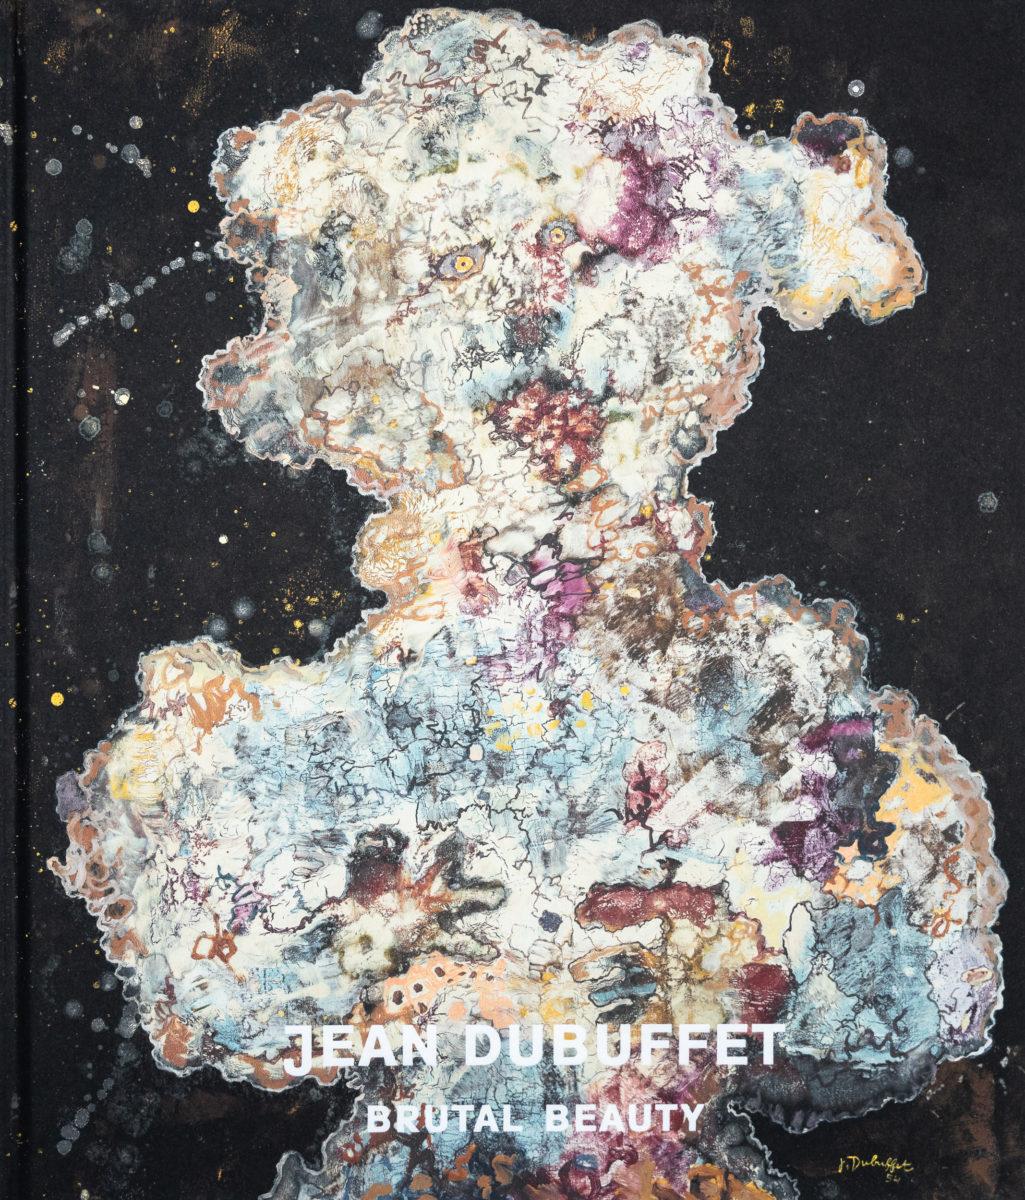 Jean Dubuffet, Brutal Beauty